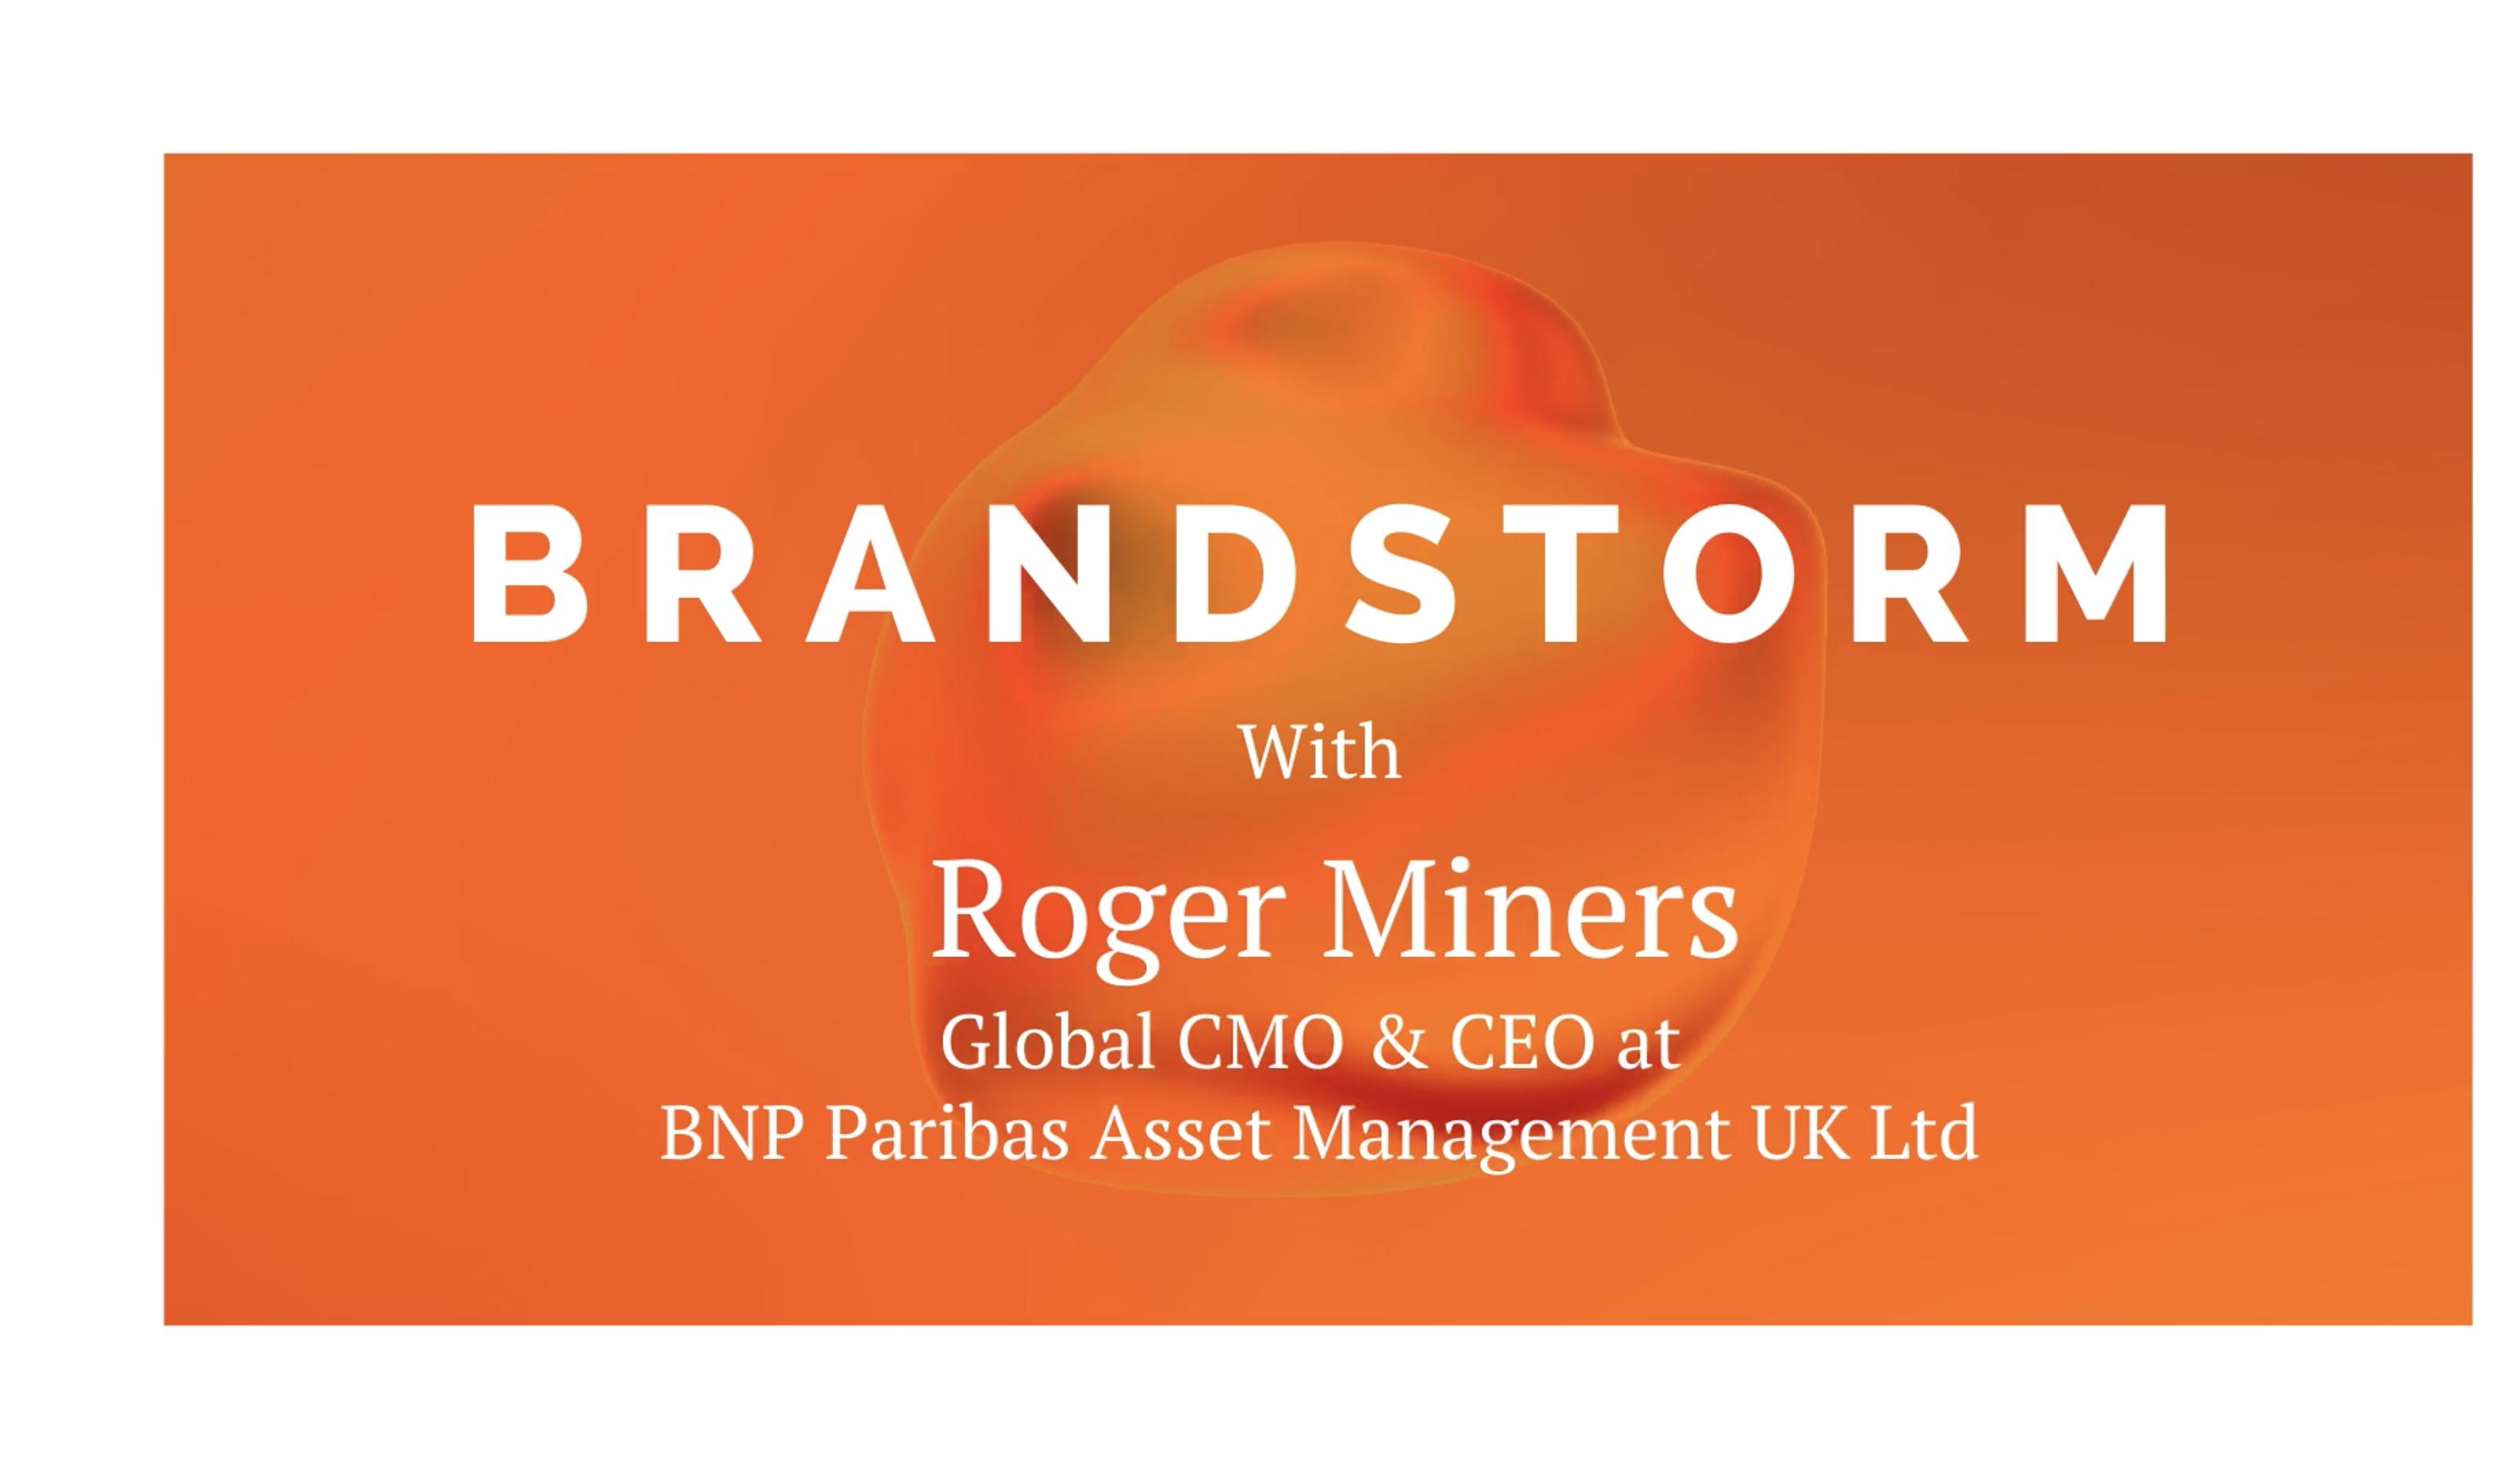 Roger_Miners_Brandstorm_interview